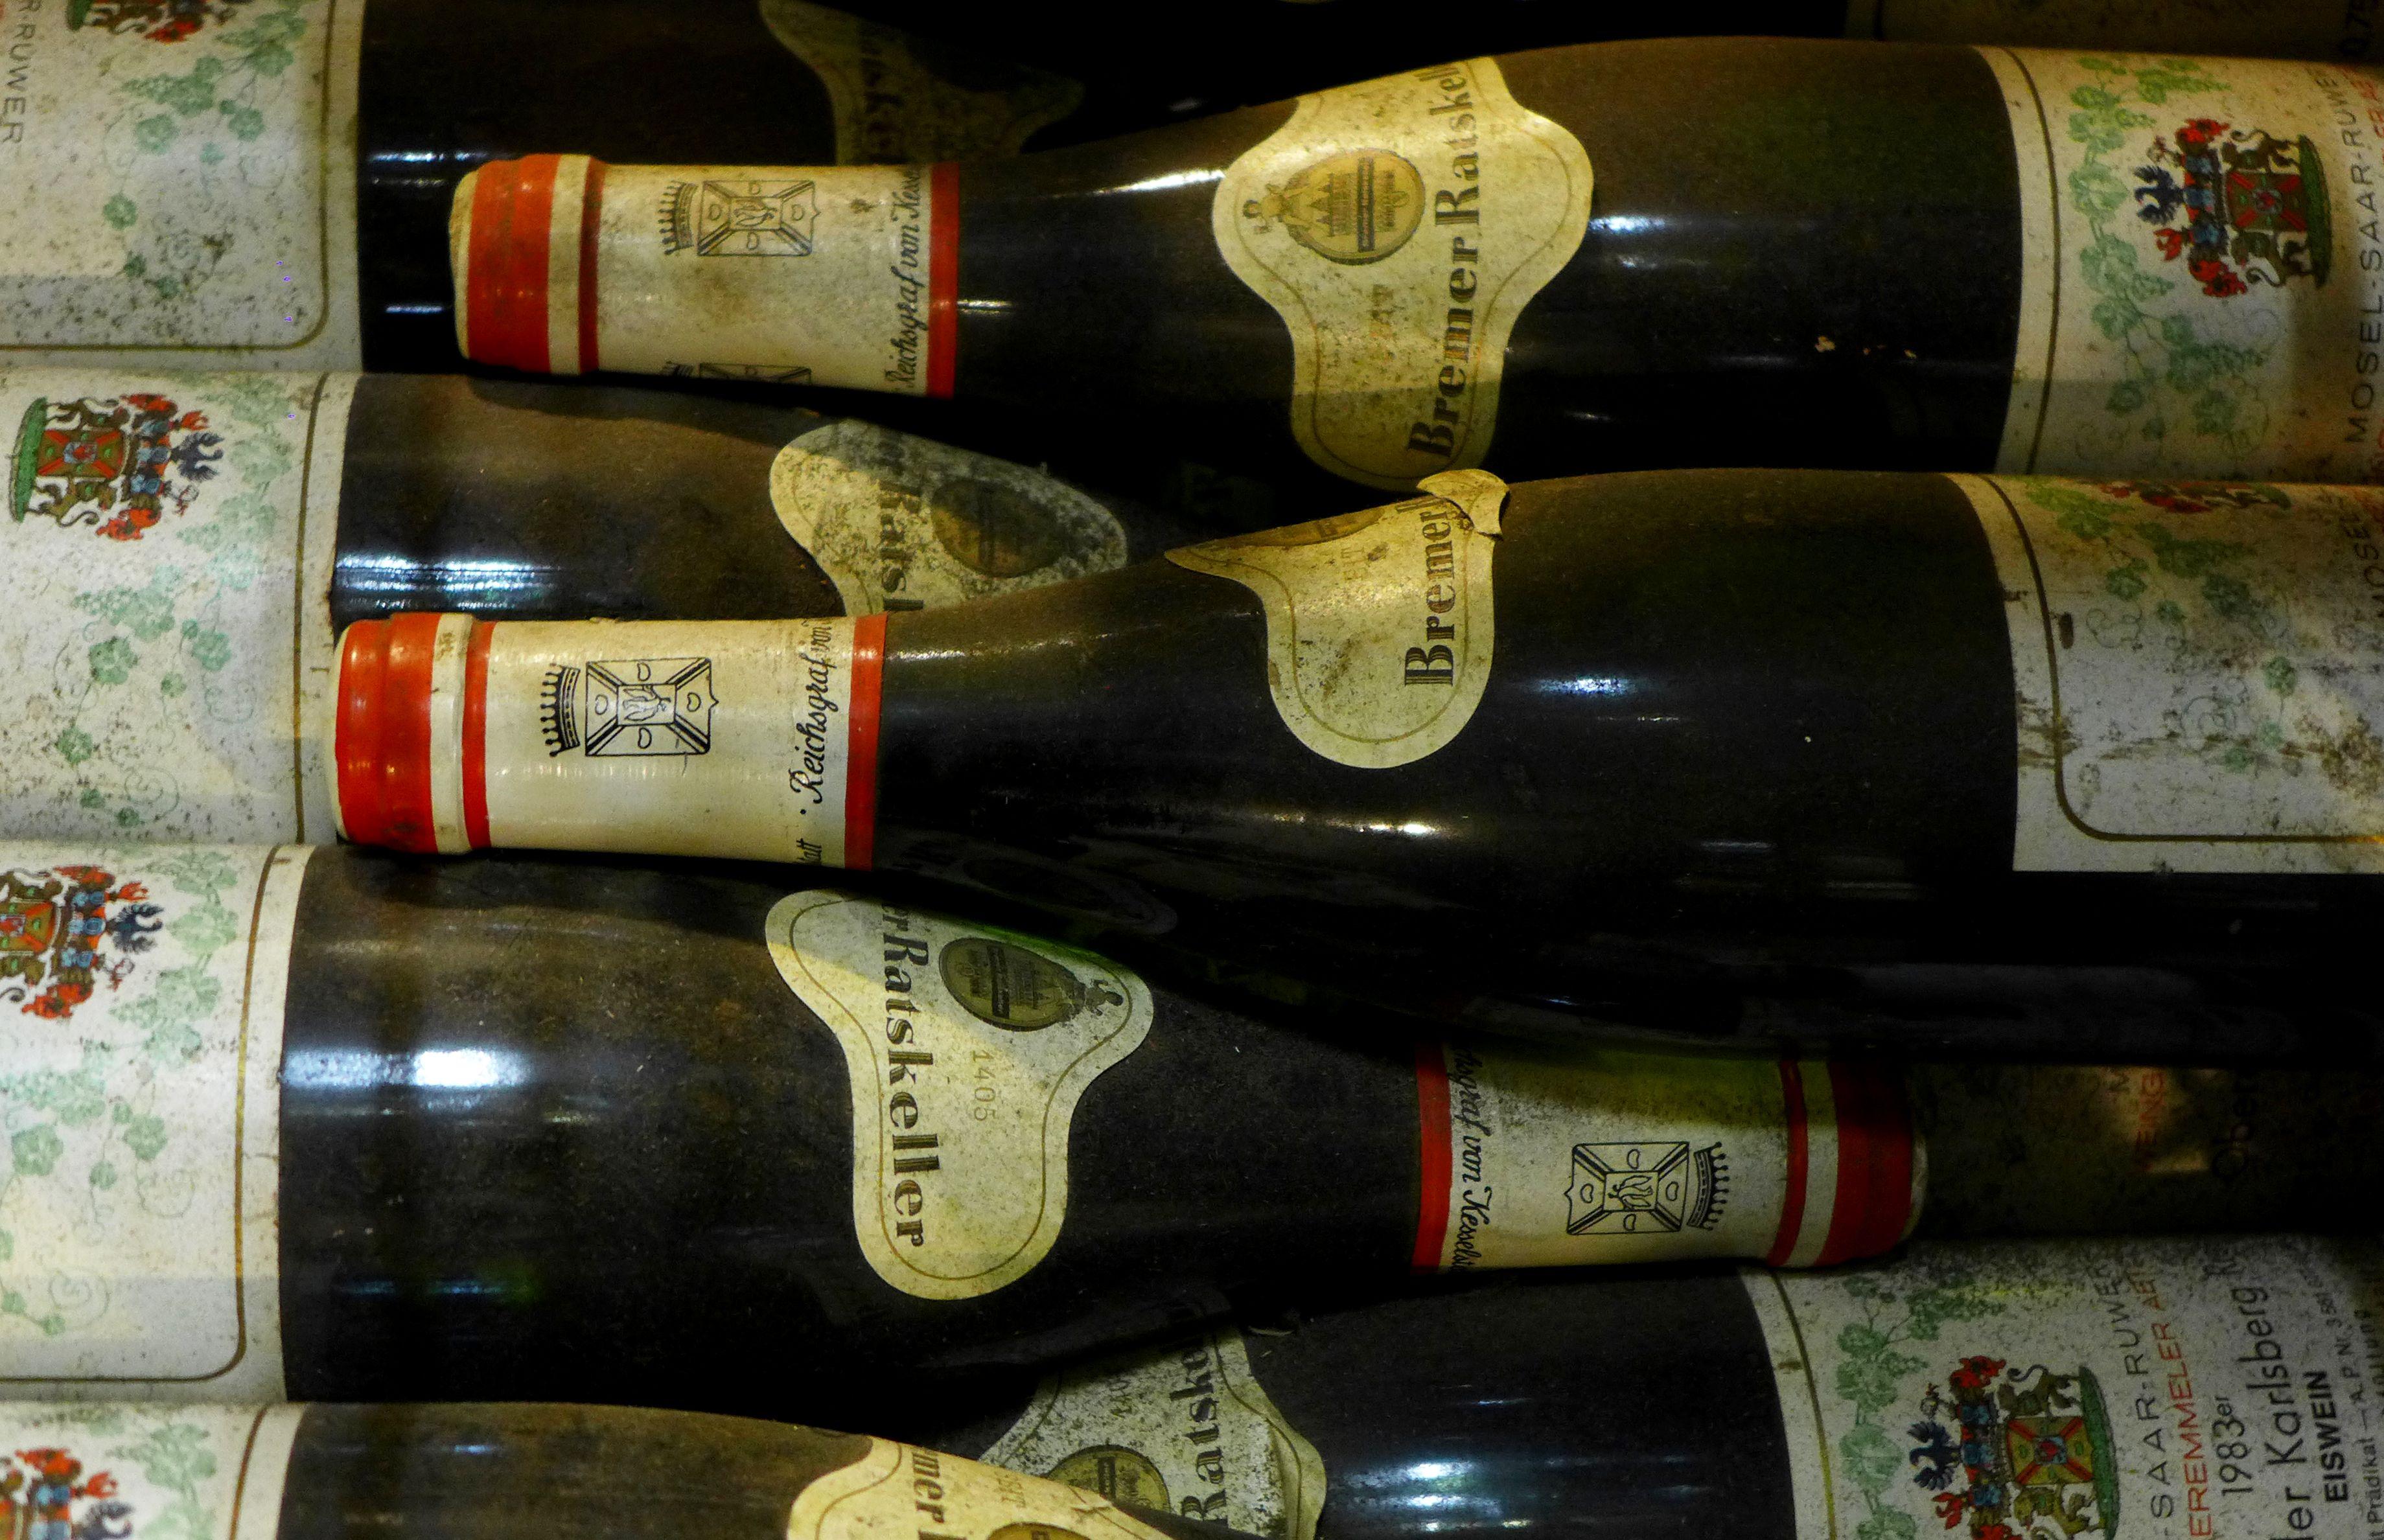 010 / Deutsche Weine im Ratskeller entdecken -   Der Bremer Ratskeller ist eine traditionelle Gaststätte im Keller des Bremer Rathauses. Er steht als Teil des Gebäudekomplexes seit 1973 unter Denkmalschutz. Seit seiner Erbauung im Jahre 1405 werden dort deutsche Weine gelagert und verkauft. Mit seinem über 600-jährigen Bestehen gehört der Bremer Ratskeller zu den ältesten Weinkellern Deutschlands